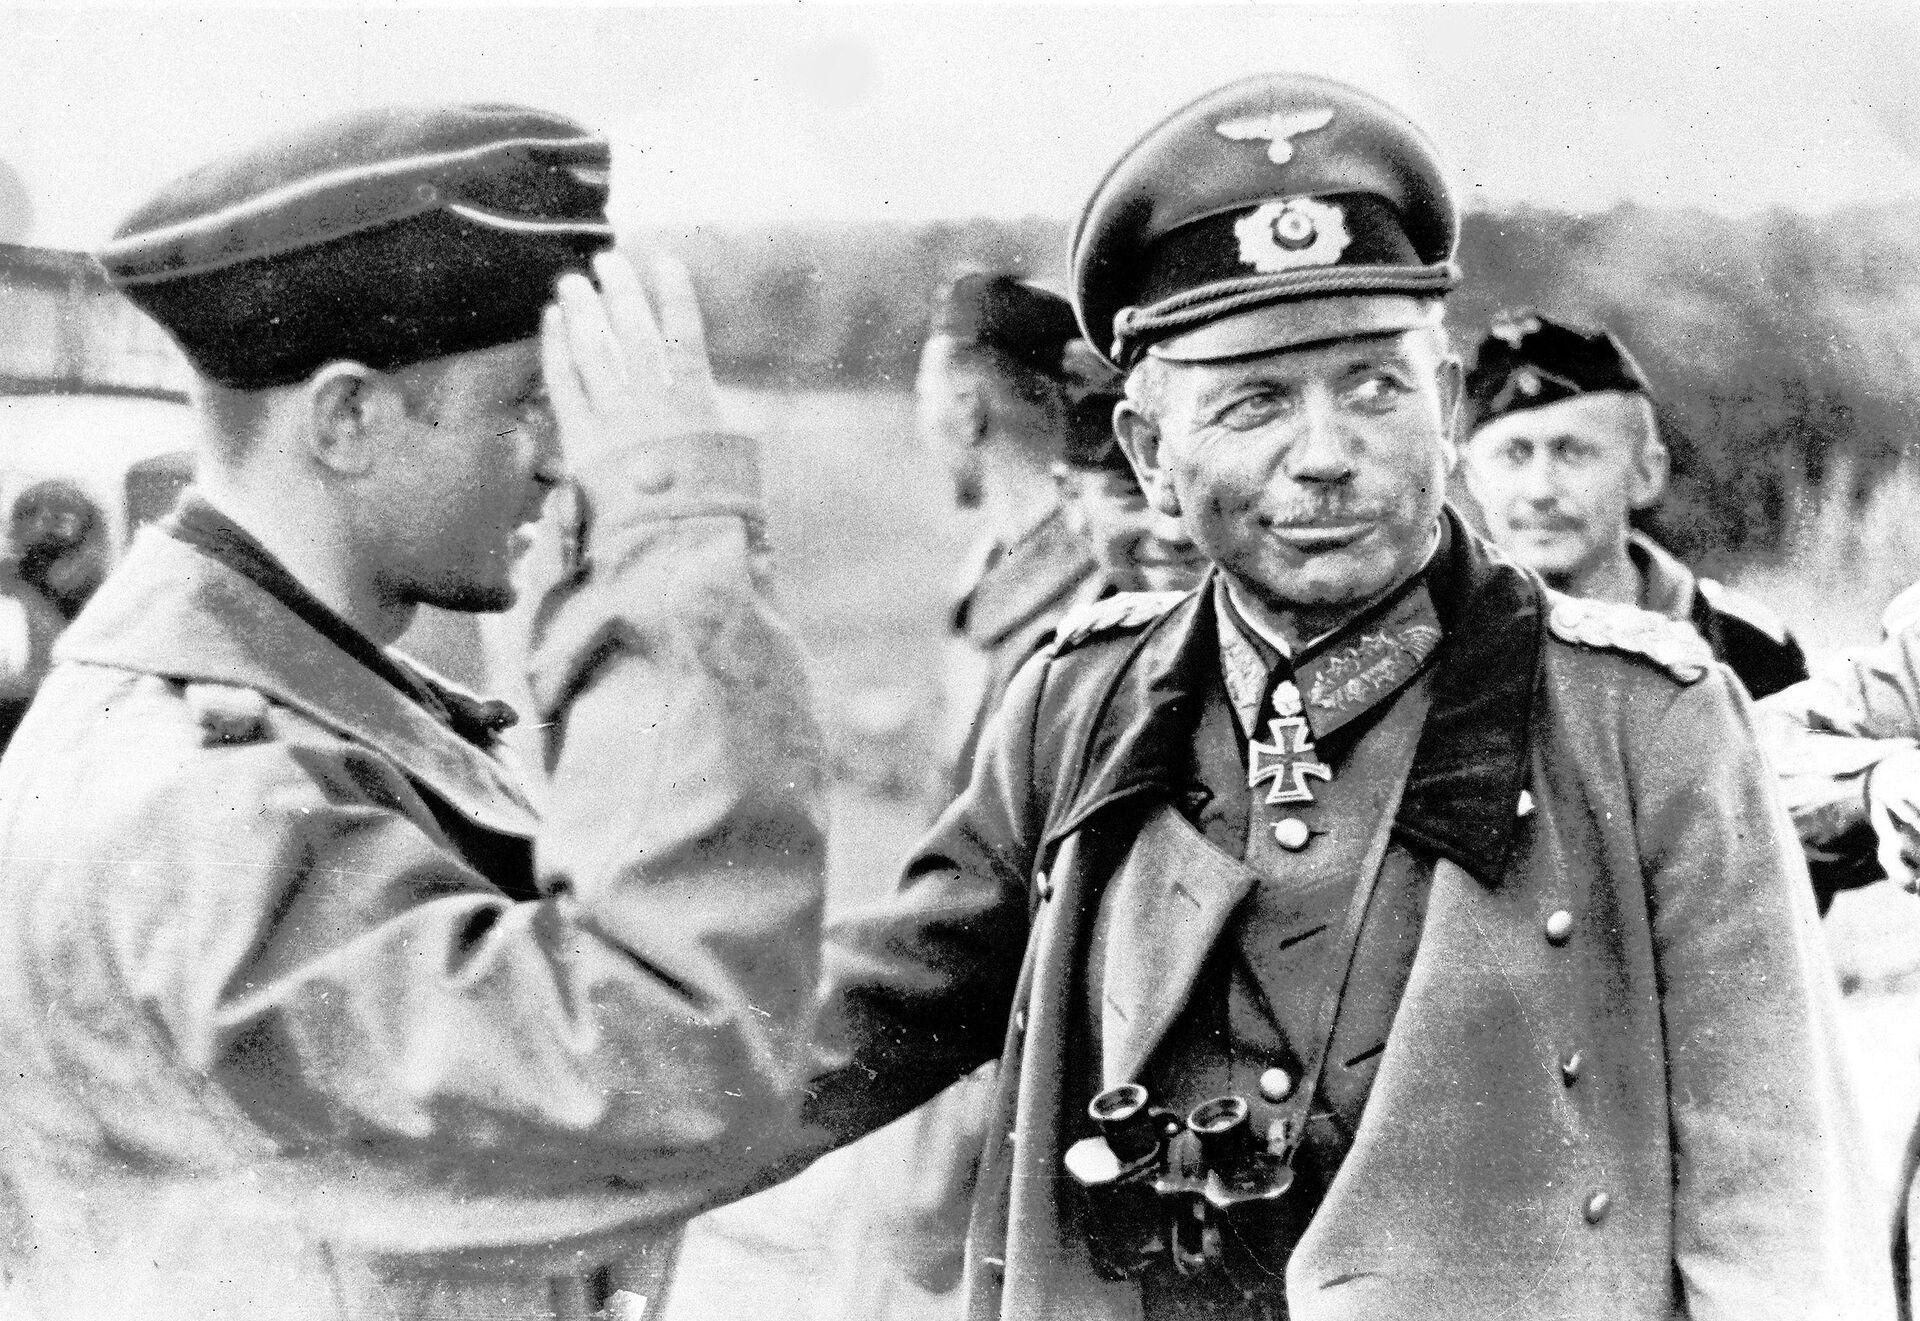 Подполковник Хайнц Гудериан. 1941 год  - РИА Новости, 1920, 16.09.2020